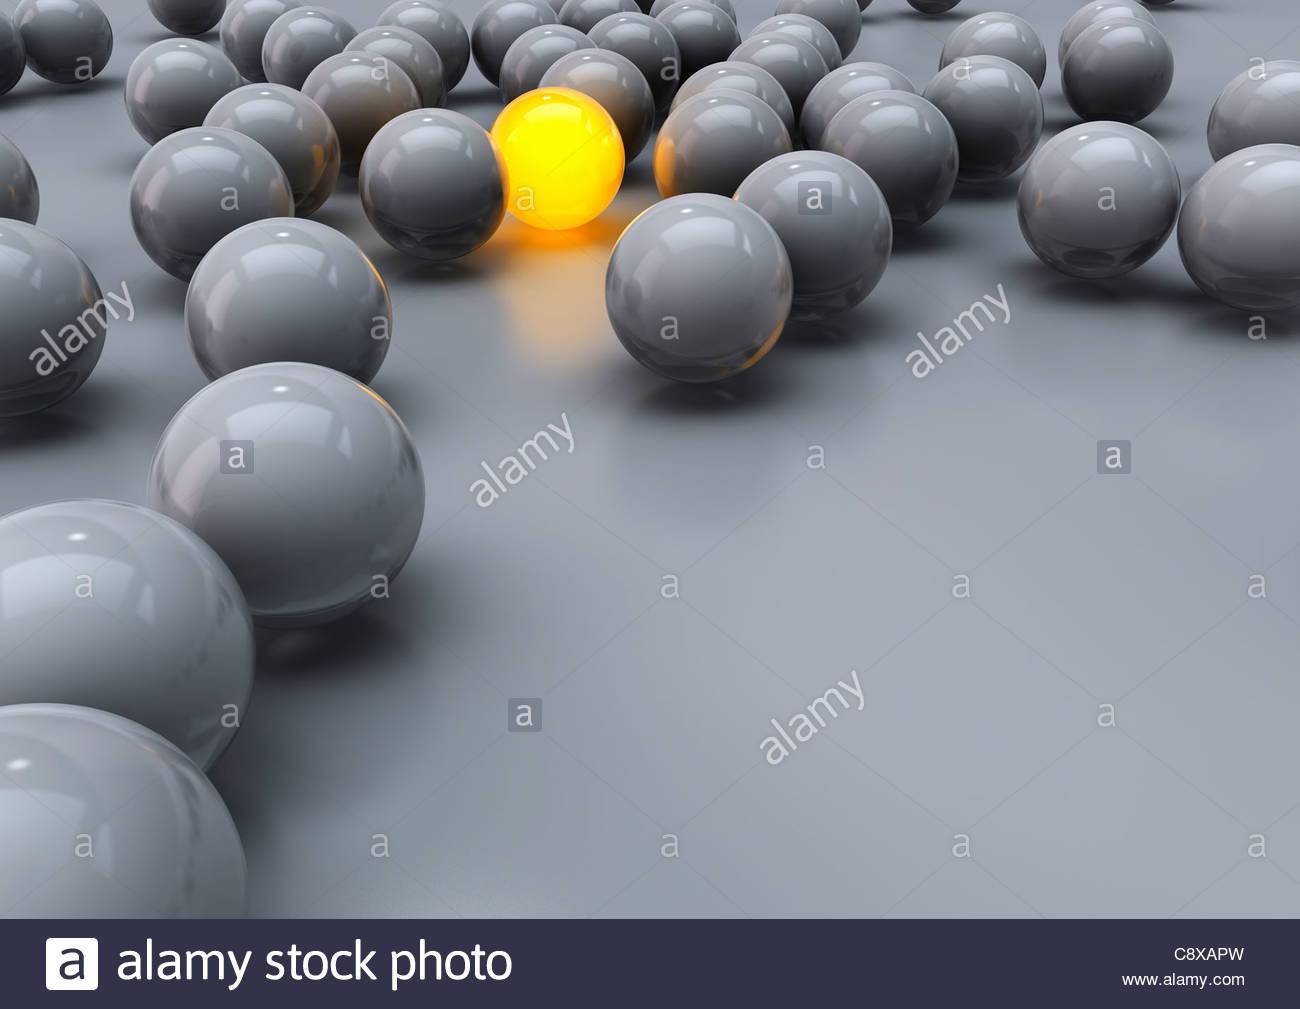 Glowing yellow ball among grey balls - Stock Image